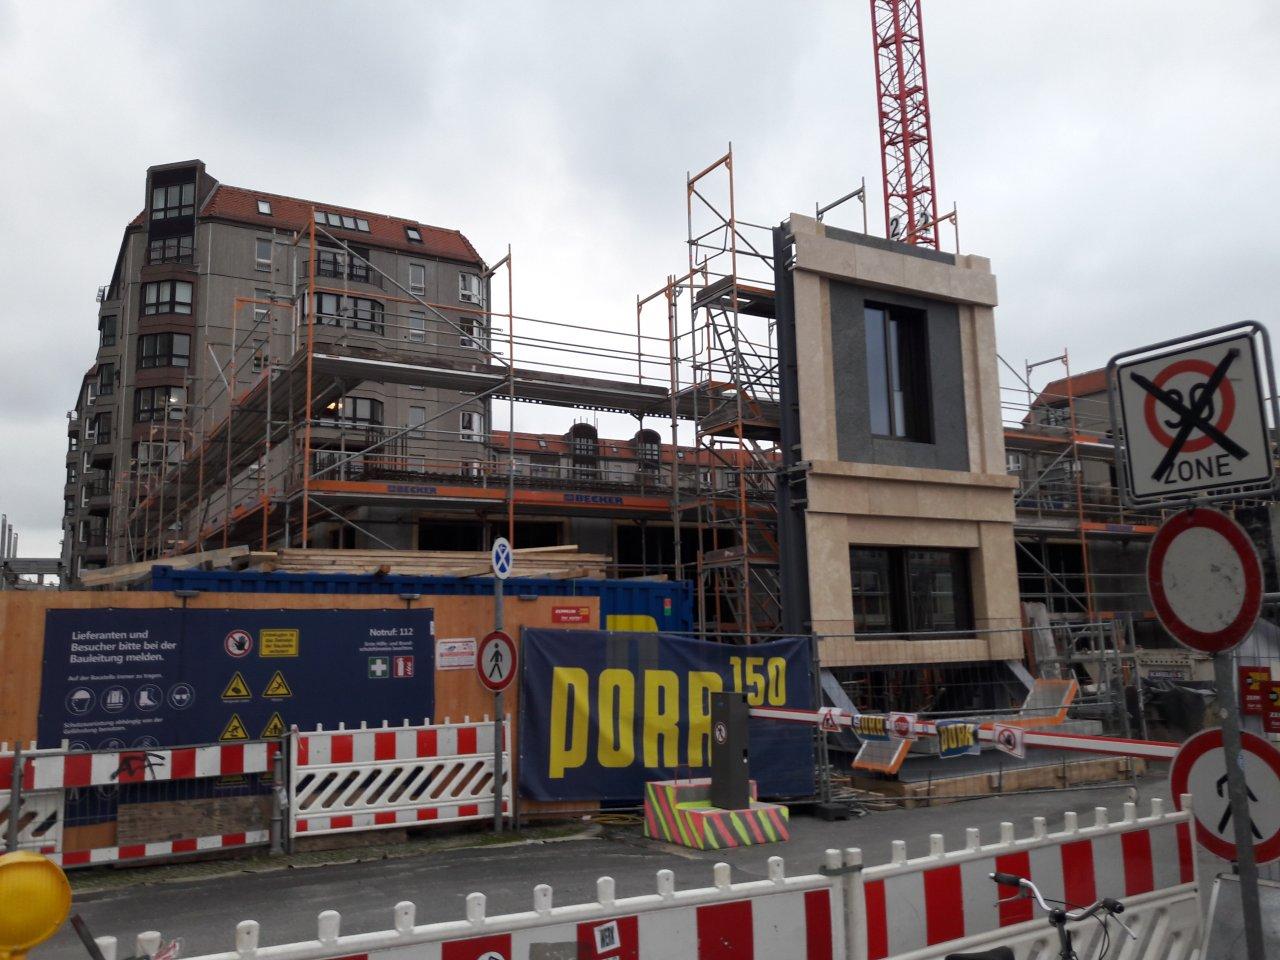 Musterfassade-Palais-Brandenburger-Tor-Berlin.jpg